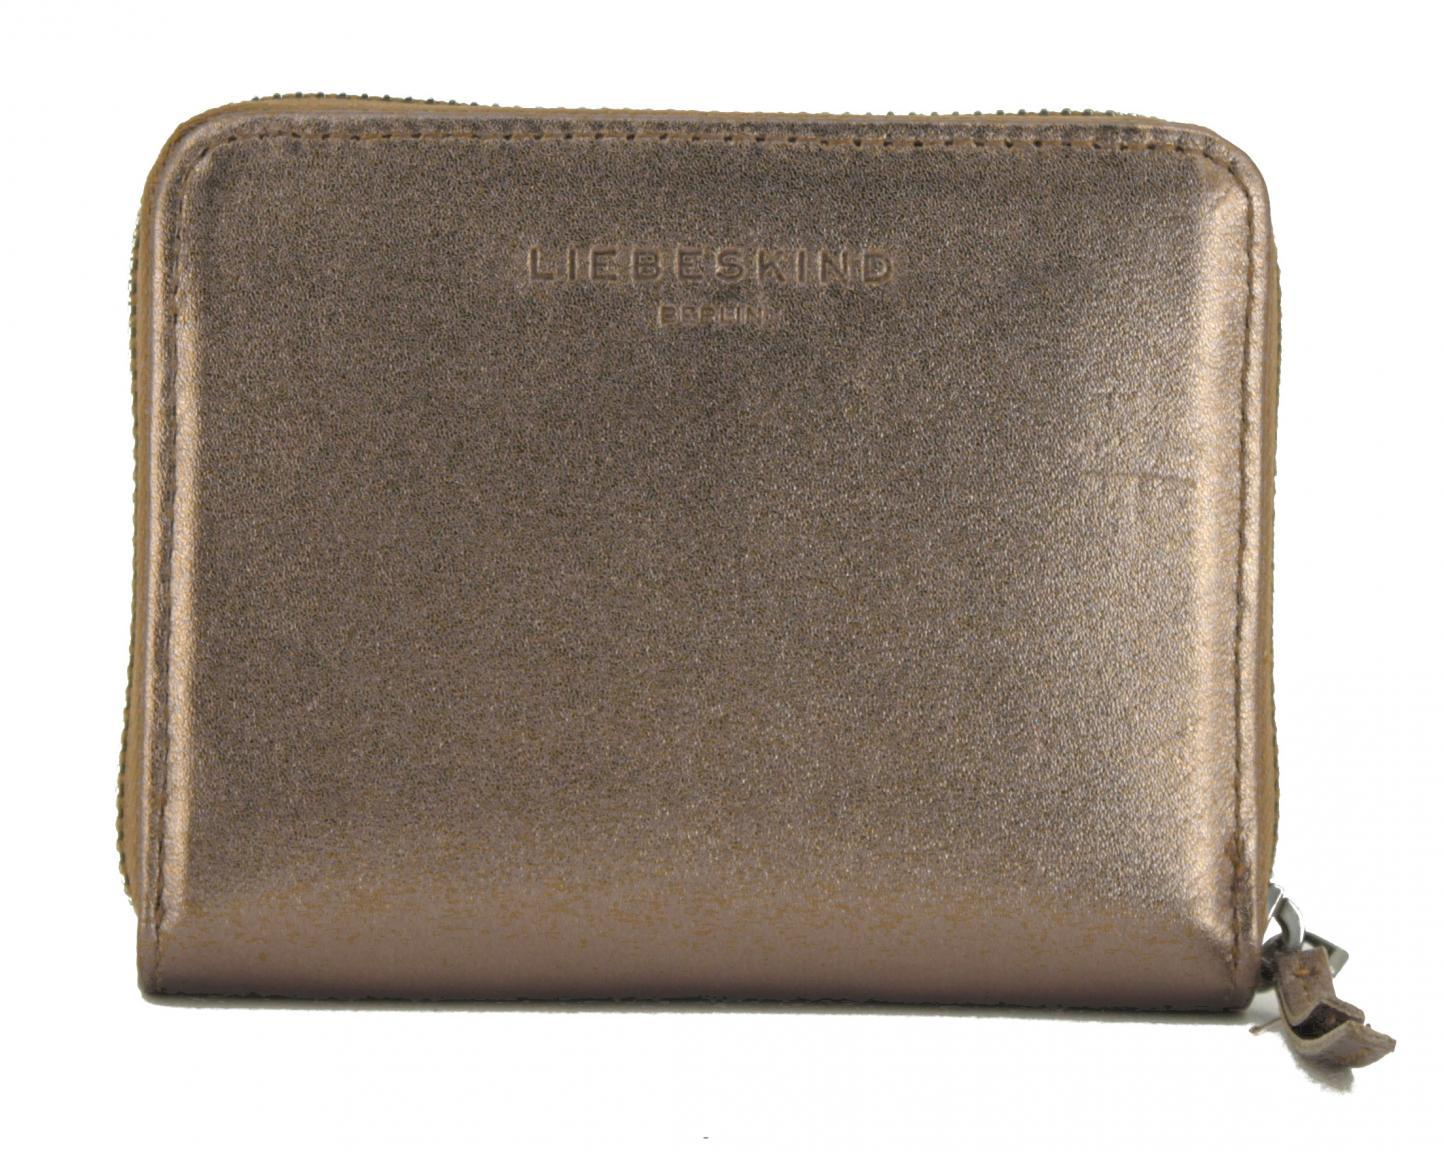 Liebeskind Geldbörse Reißverschluss Conny Metallic Bronze